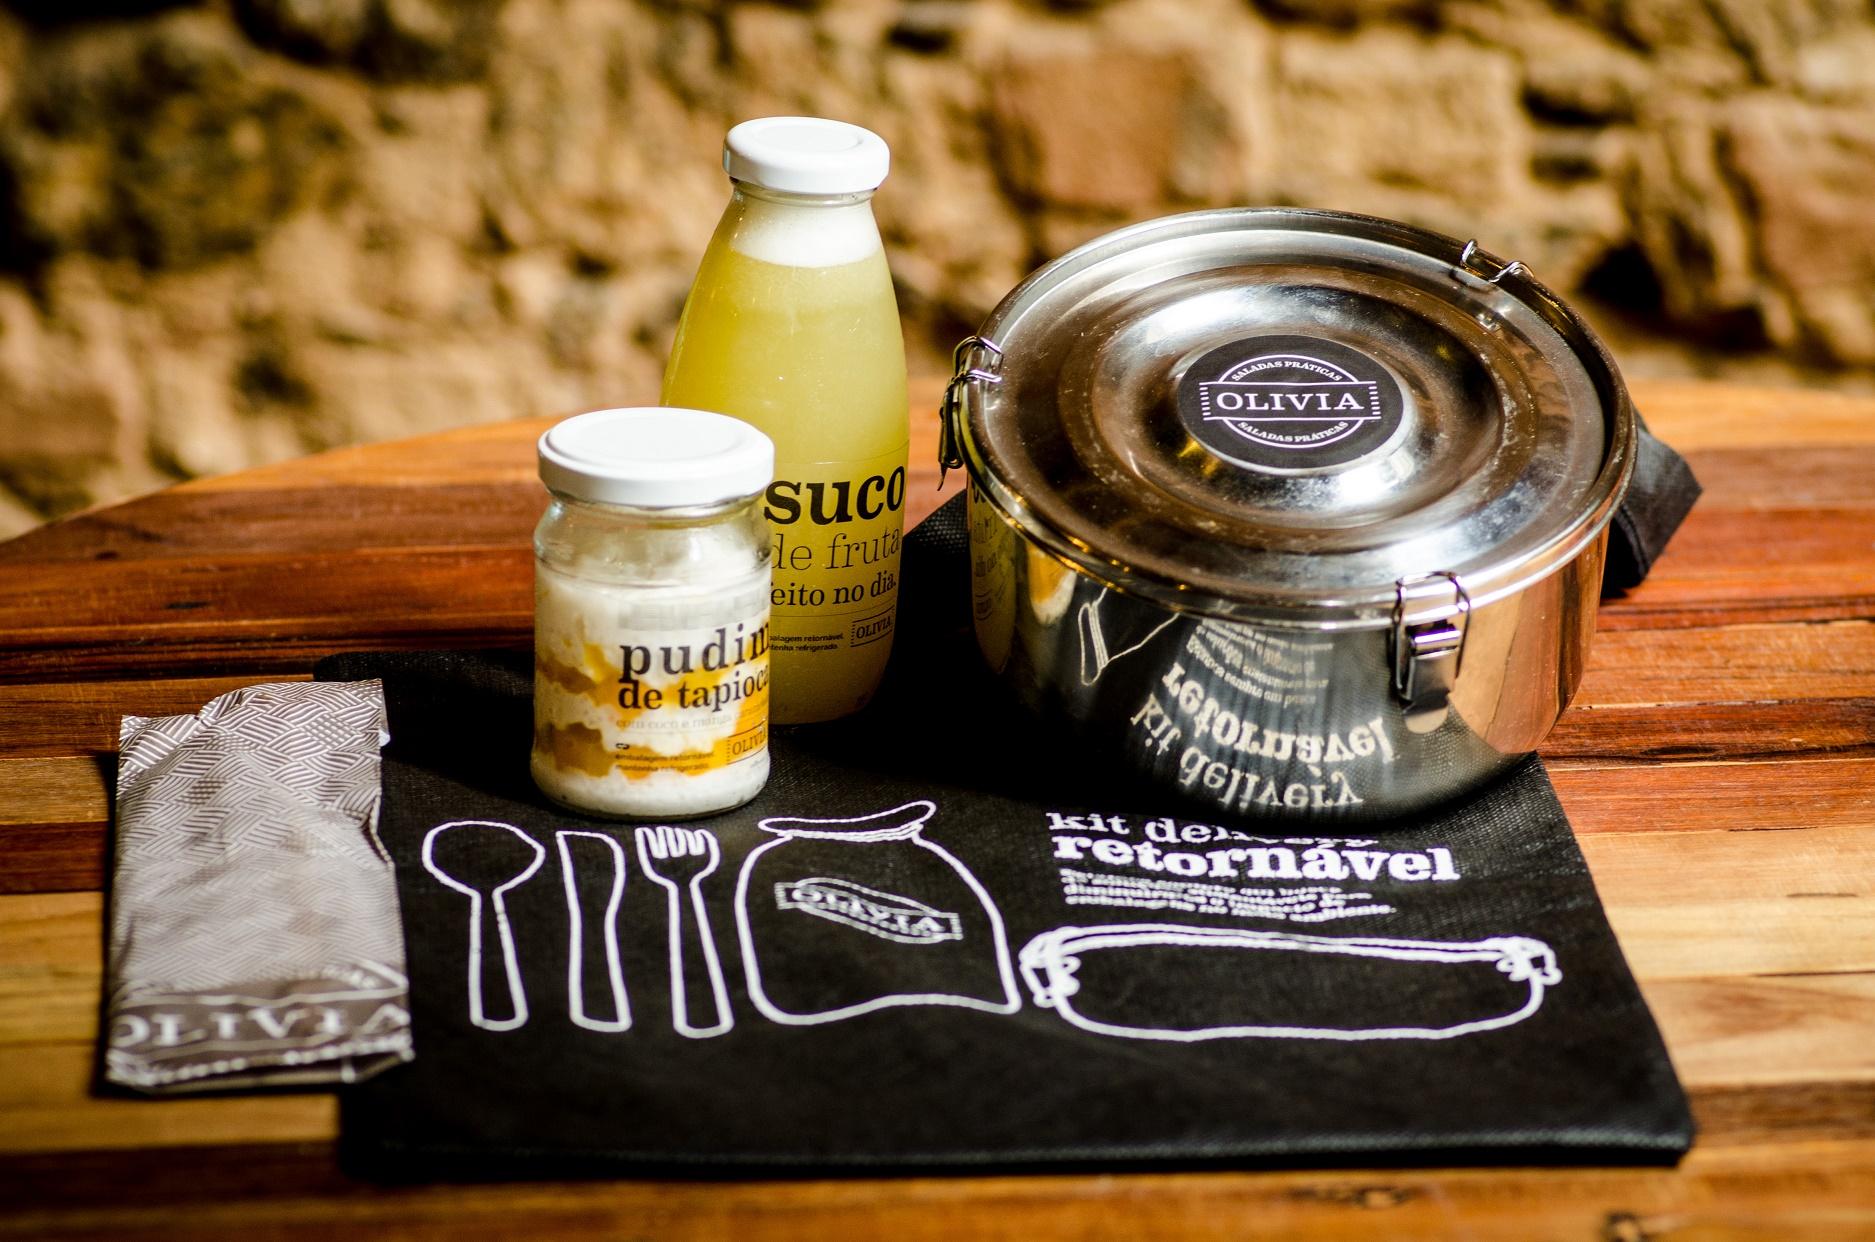 Quem quiser levar a comida para o escritório tem como única alternativa a compra de marmitas feitas de metal e vendidas por R$ 20 no restaurante. Foto de Jorge Otávio